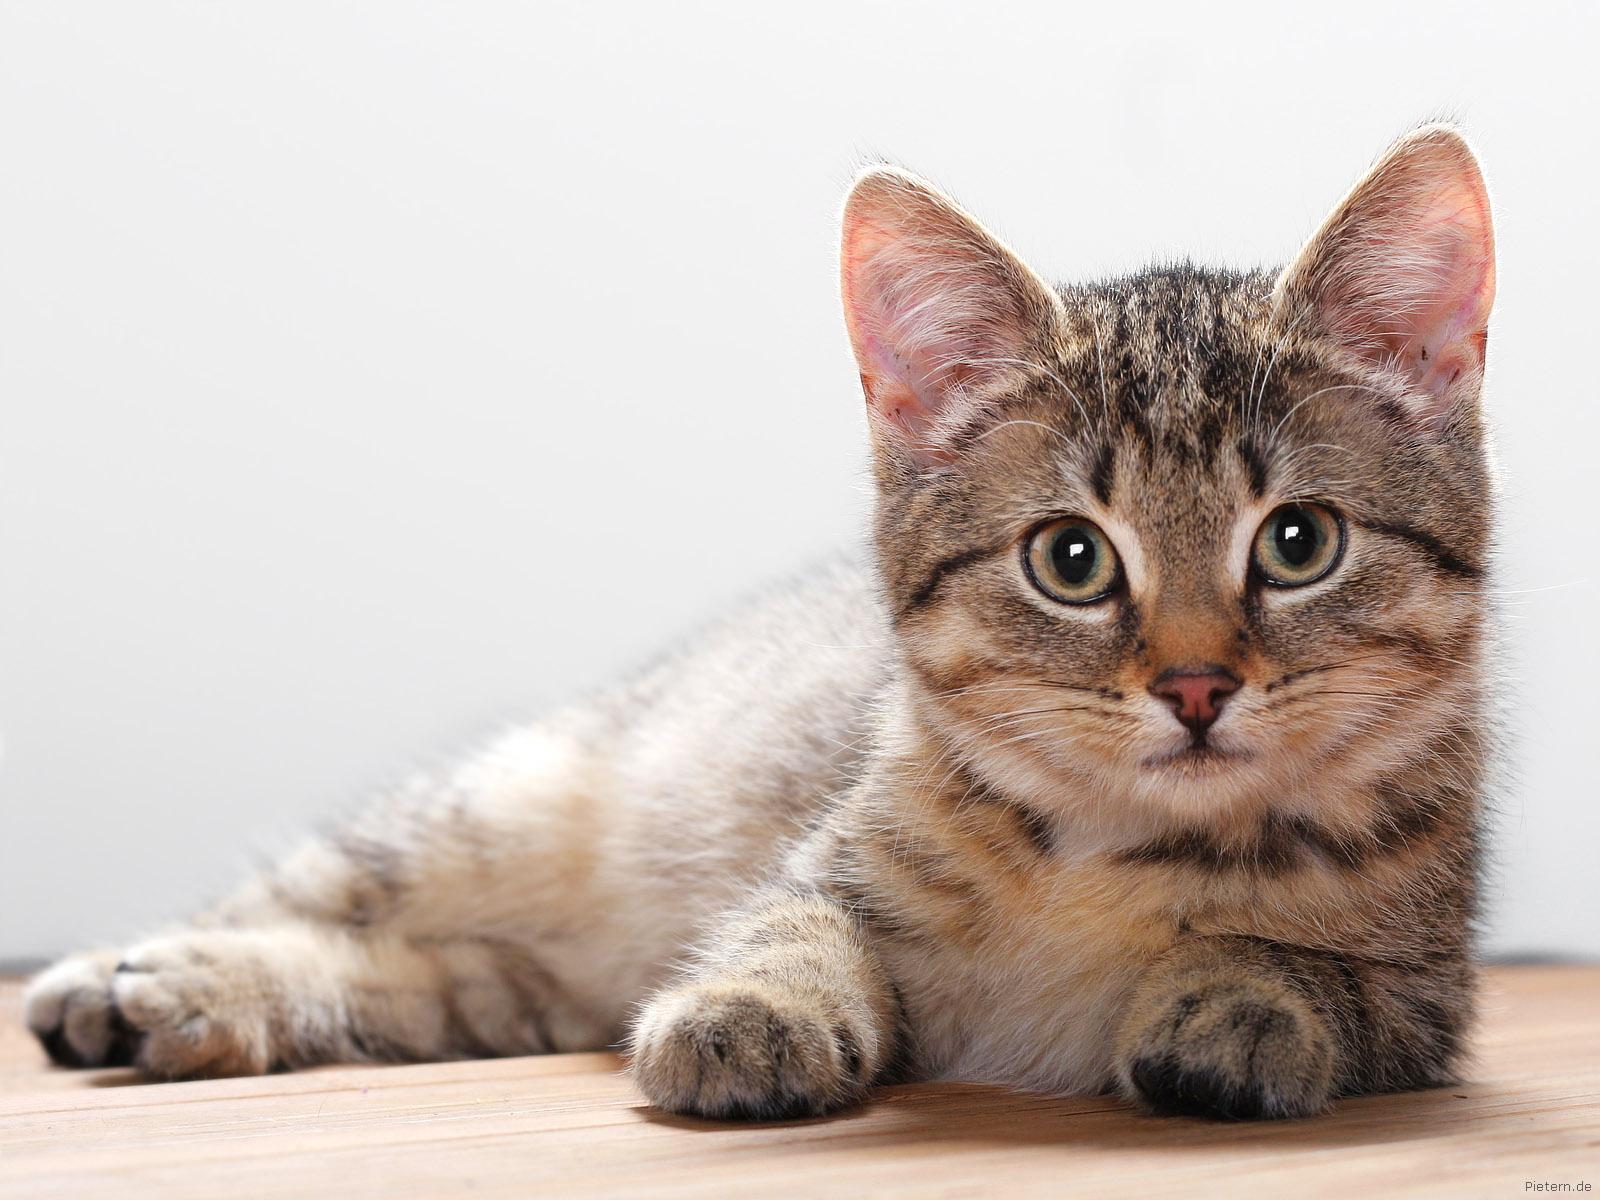 Afbeeldingsresultaat voor huisdier kat